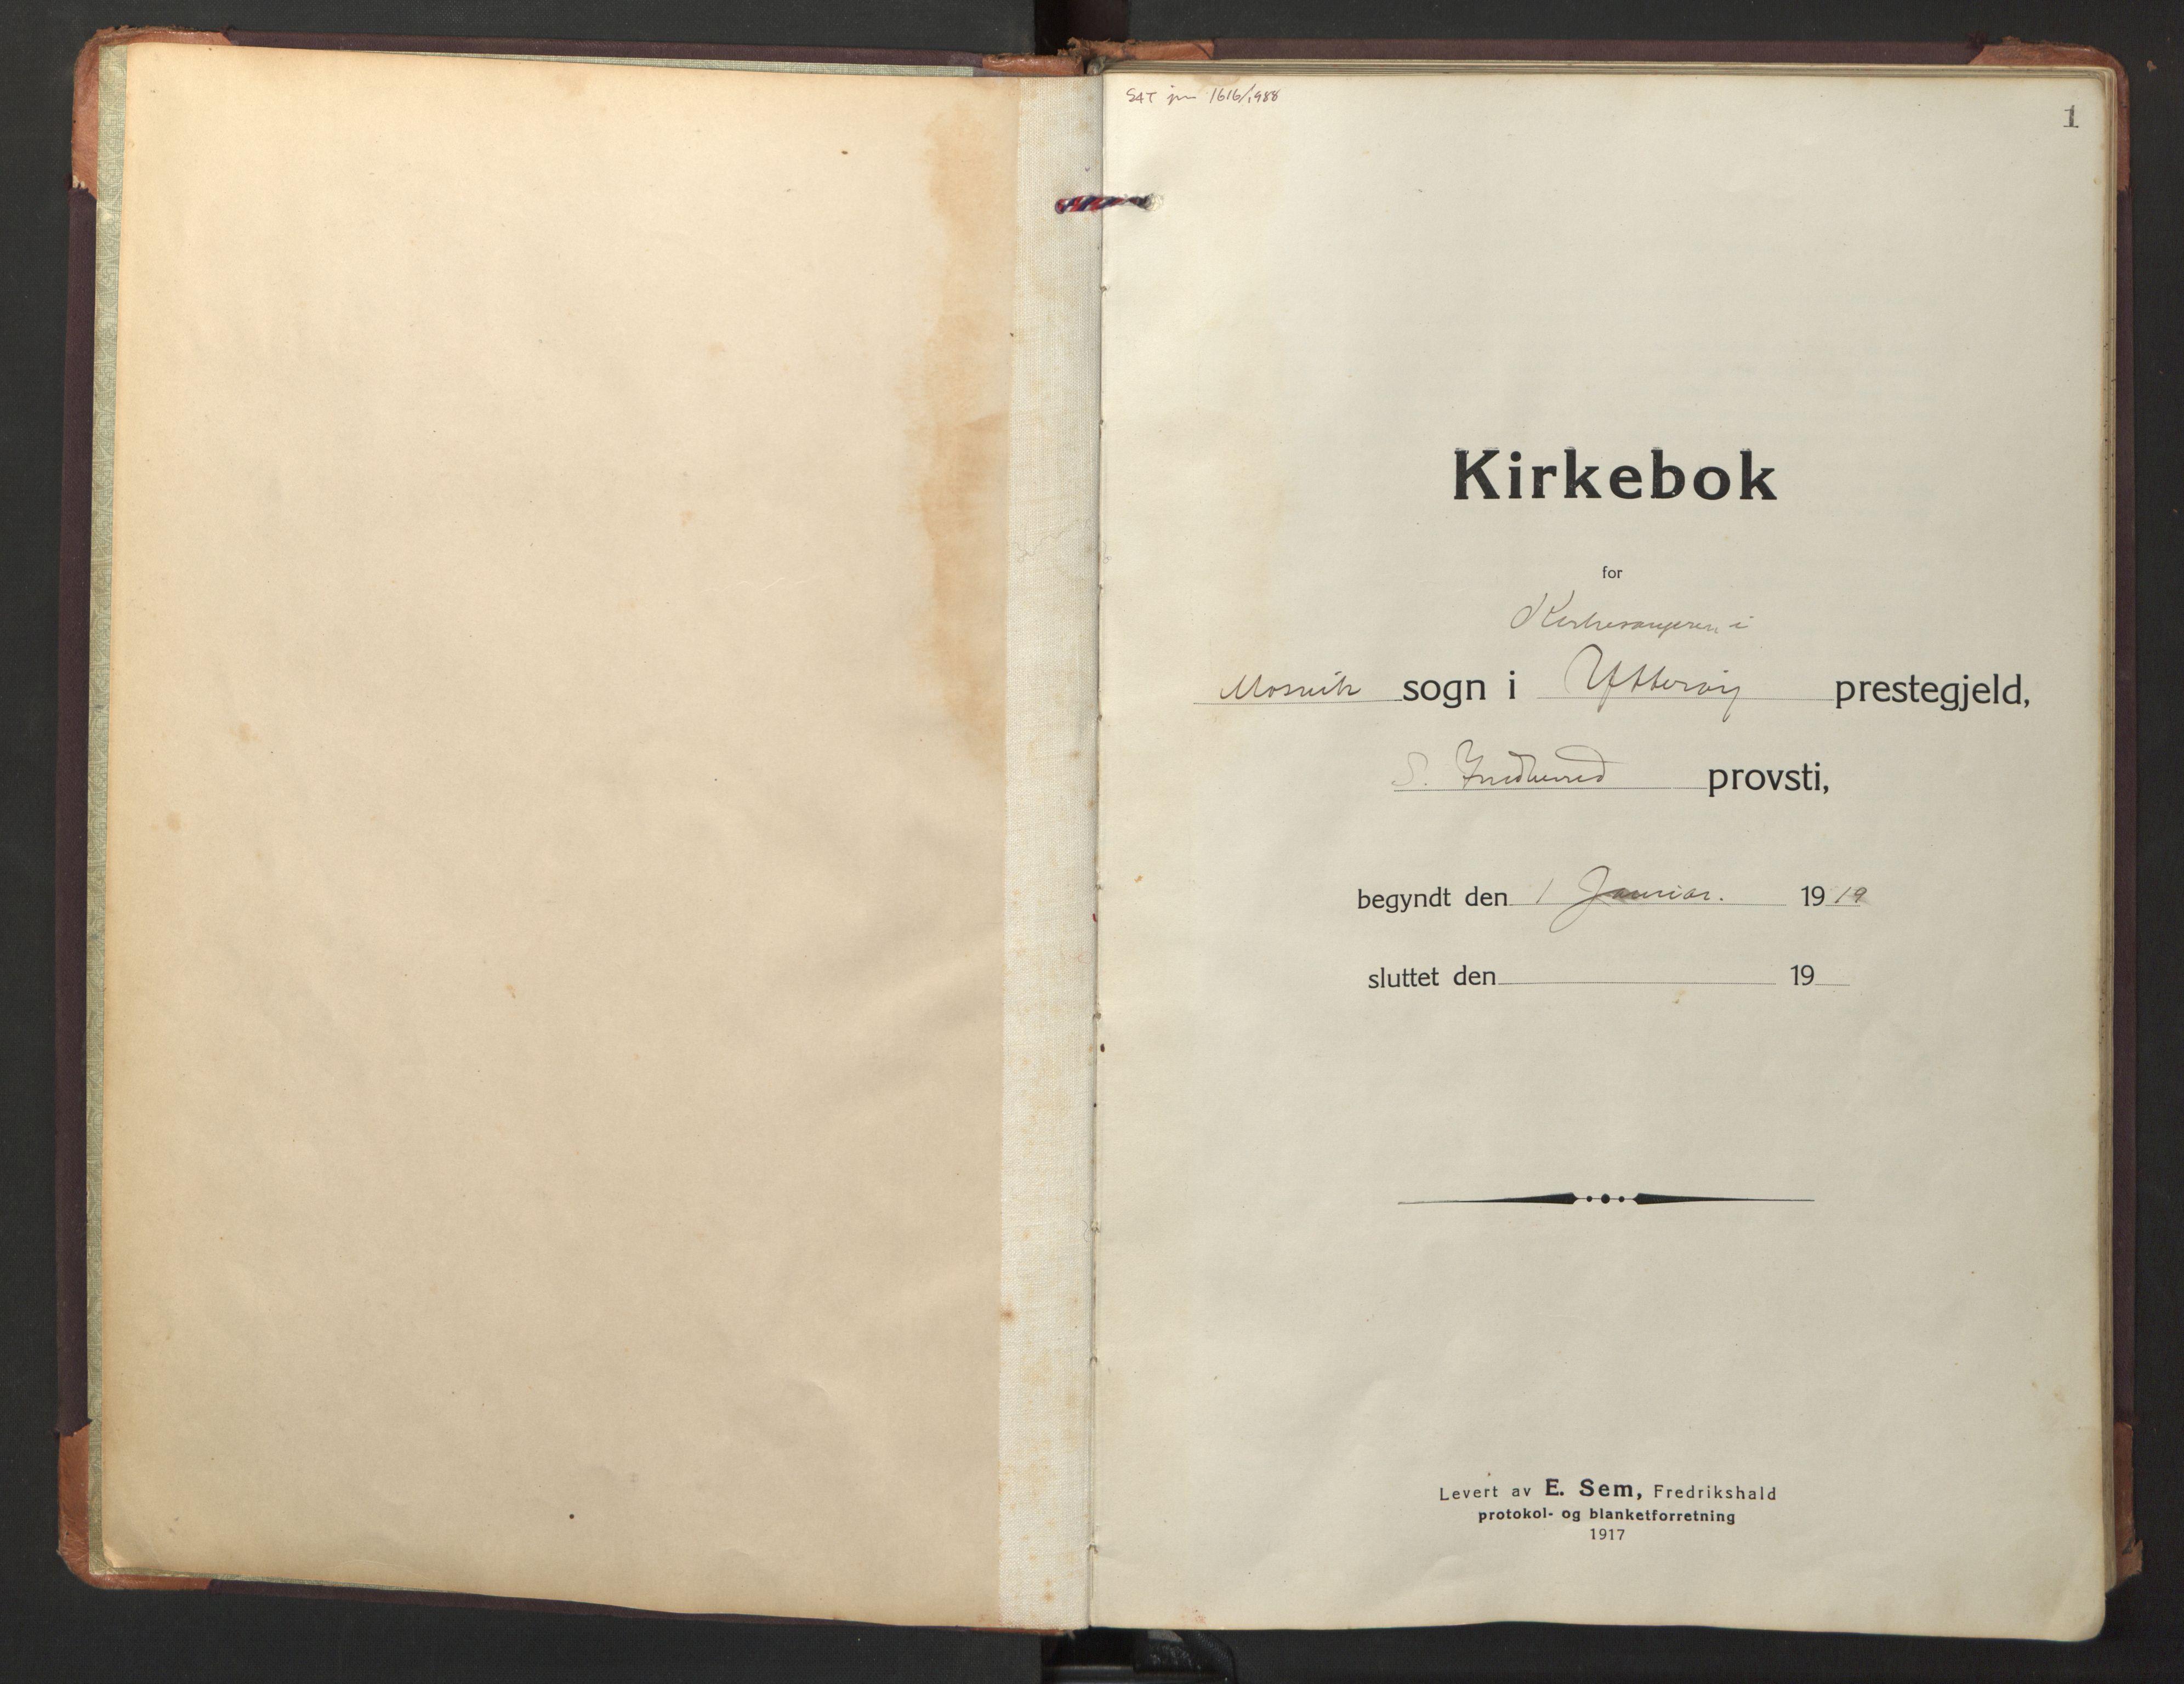 SAT, Ministerialprotokoller, klokkerbøker og fødselsregistre - Nord-Trøndelag, 733/L0328: Klokkerbok nr. 733C03, 1919-1966, s. 1